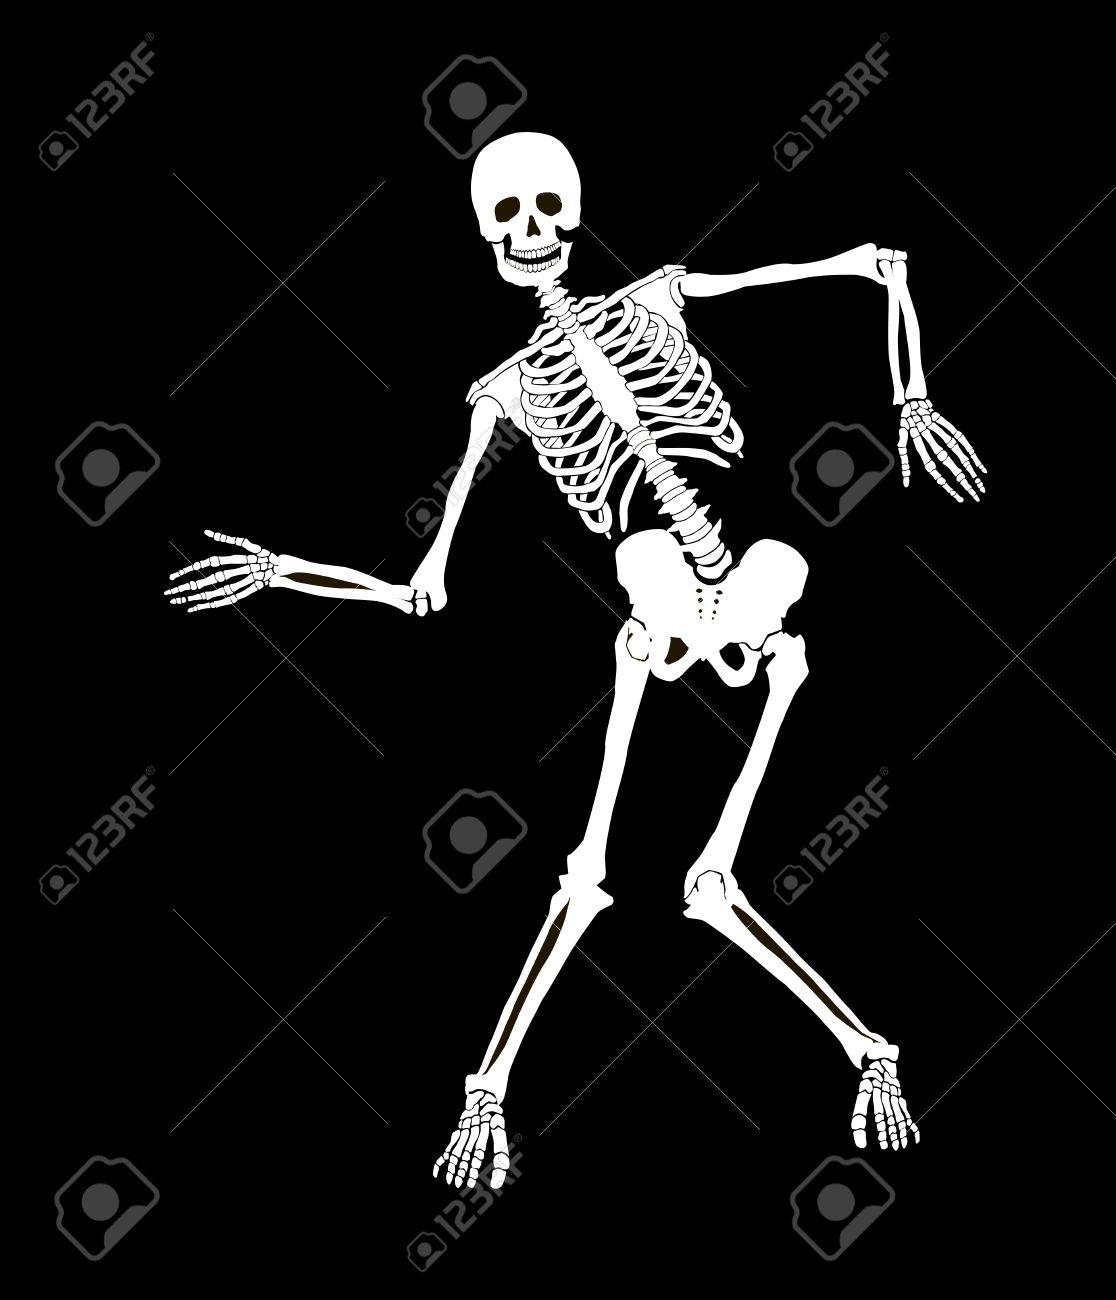 Skelet Voor Halloween.Grappig Vector Skelet Gea Soleerd Op Zwart Ontwerp Van Halloween